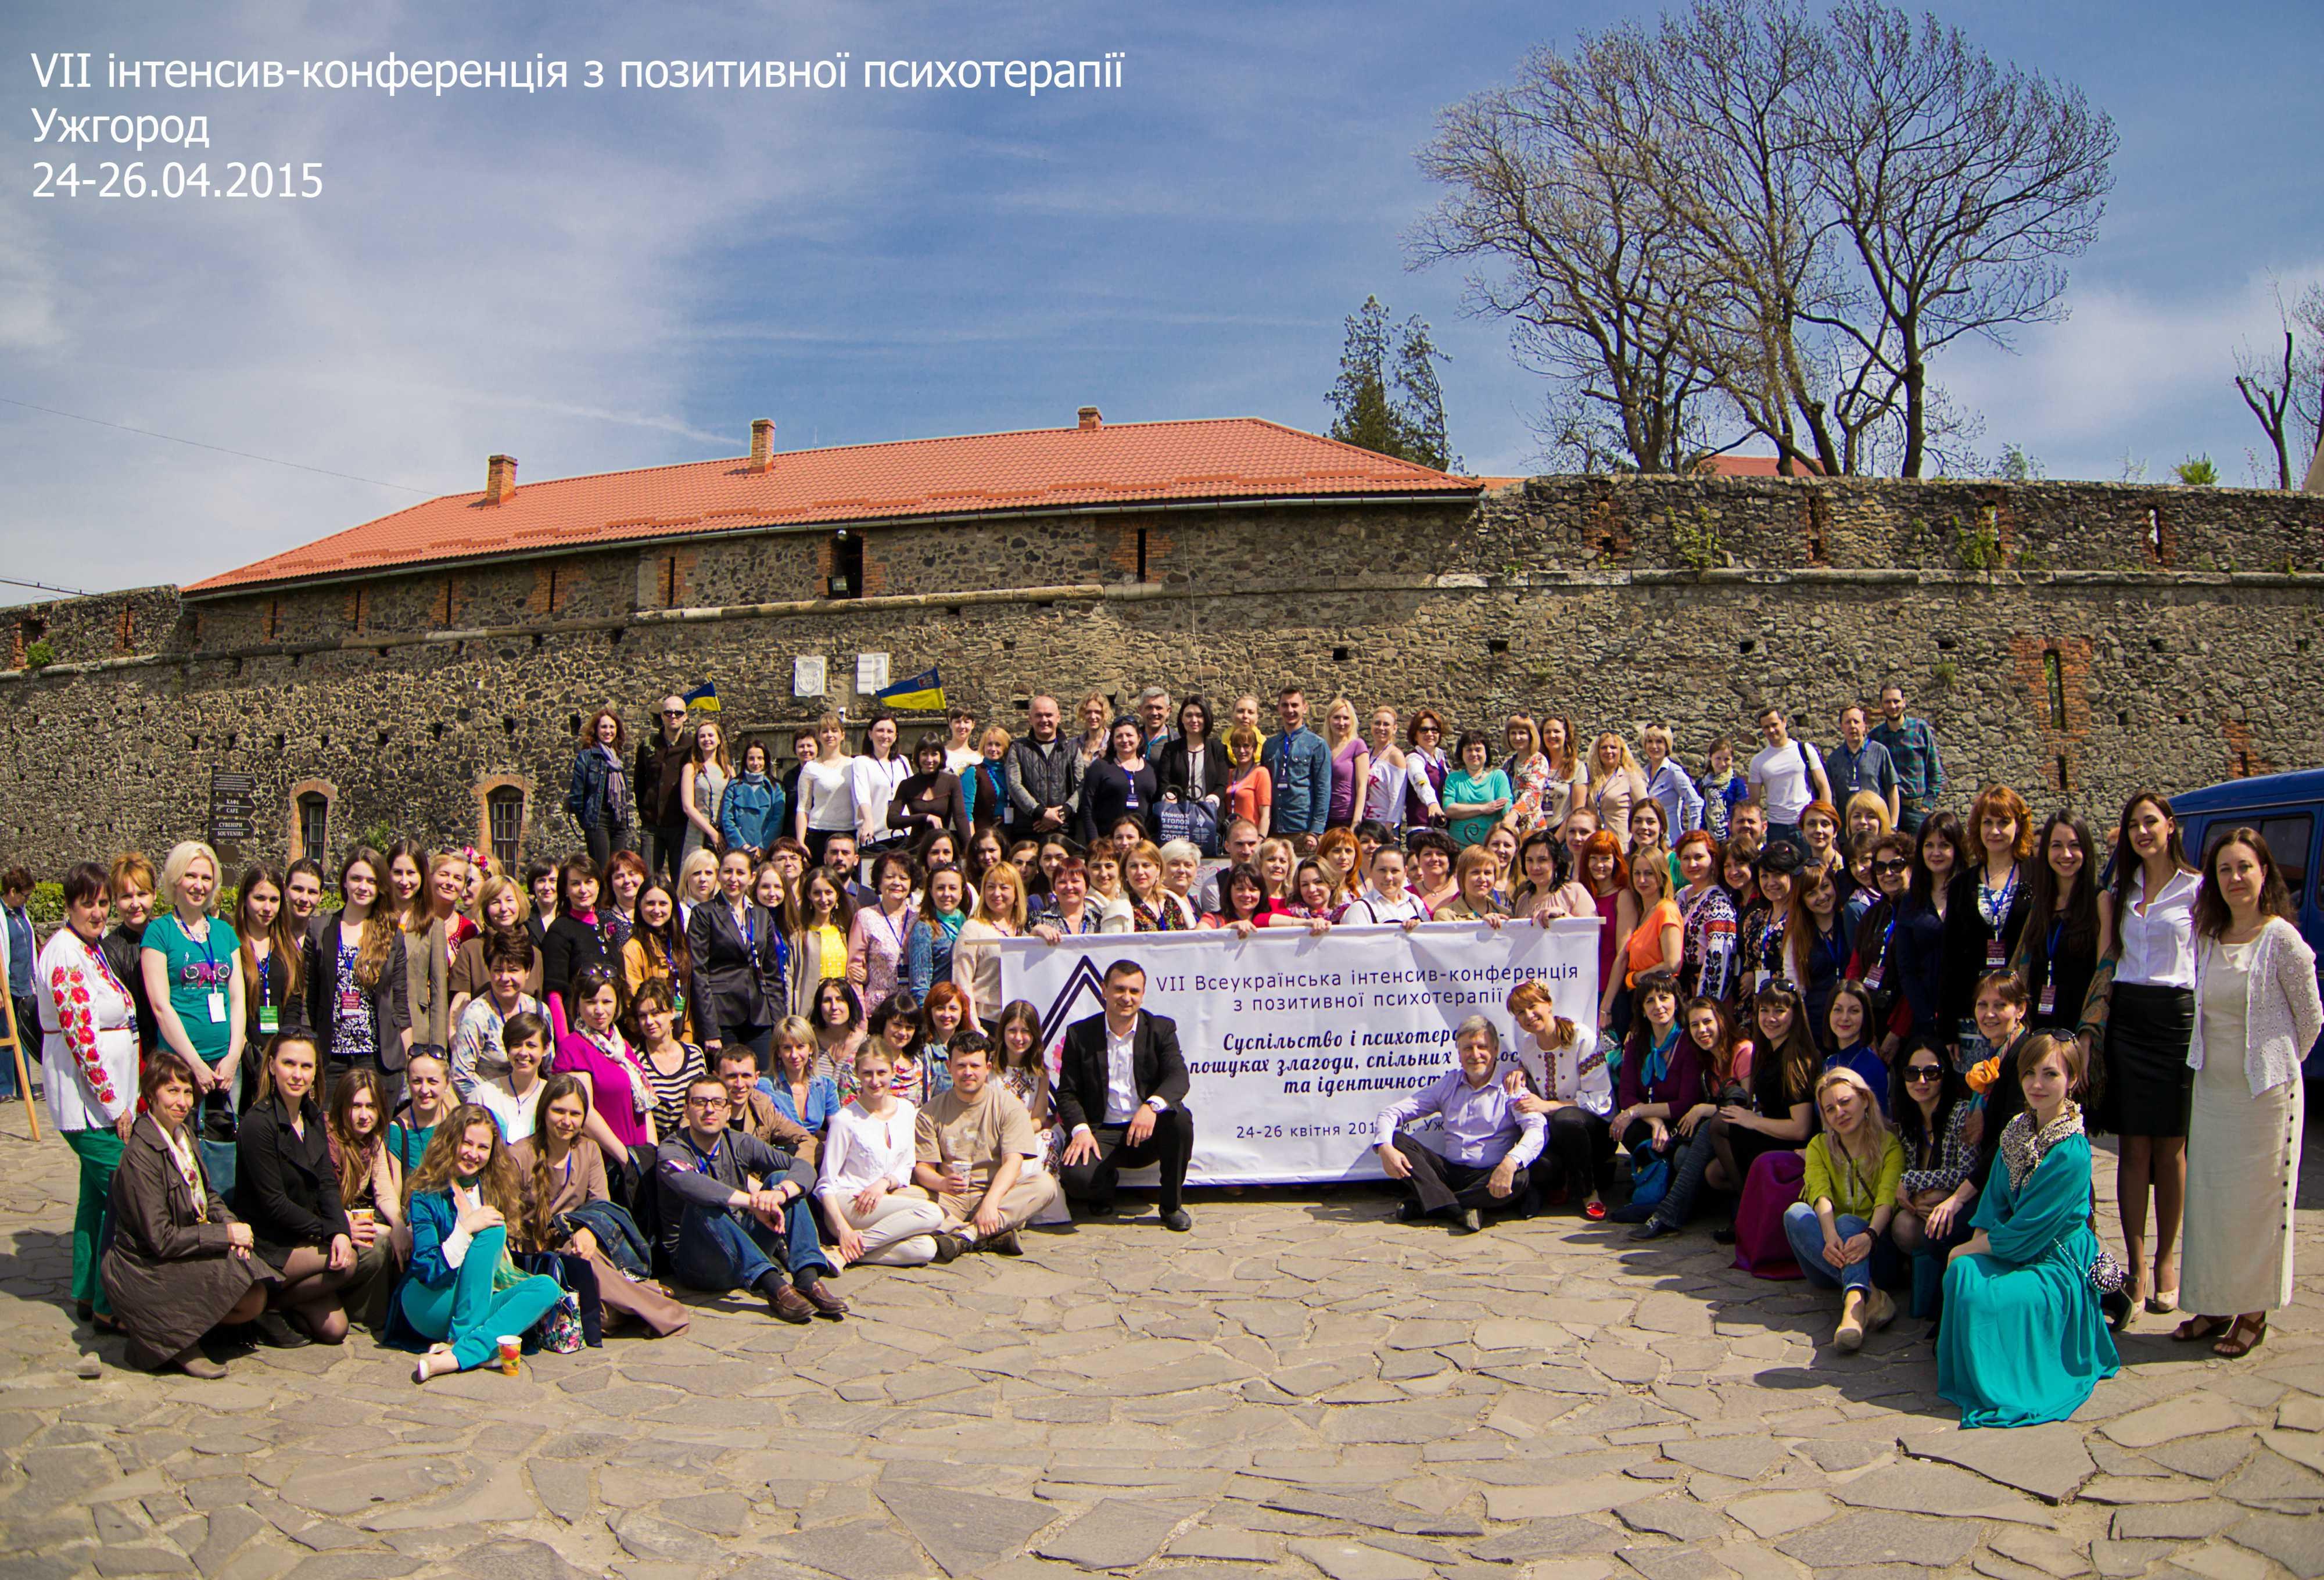 Всеукраїнська конференція з Позитивної психотерапії